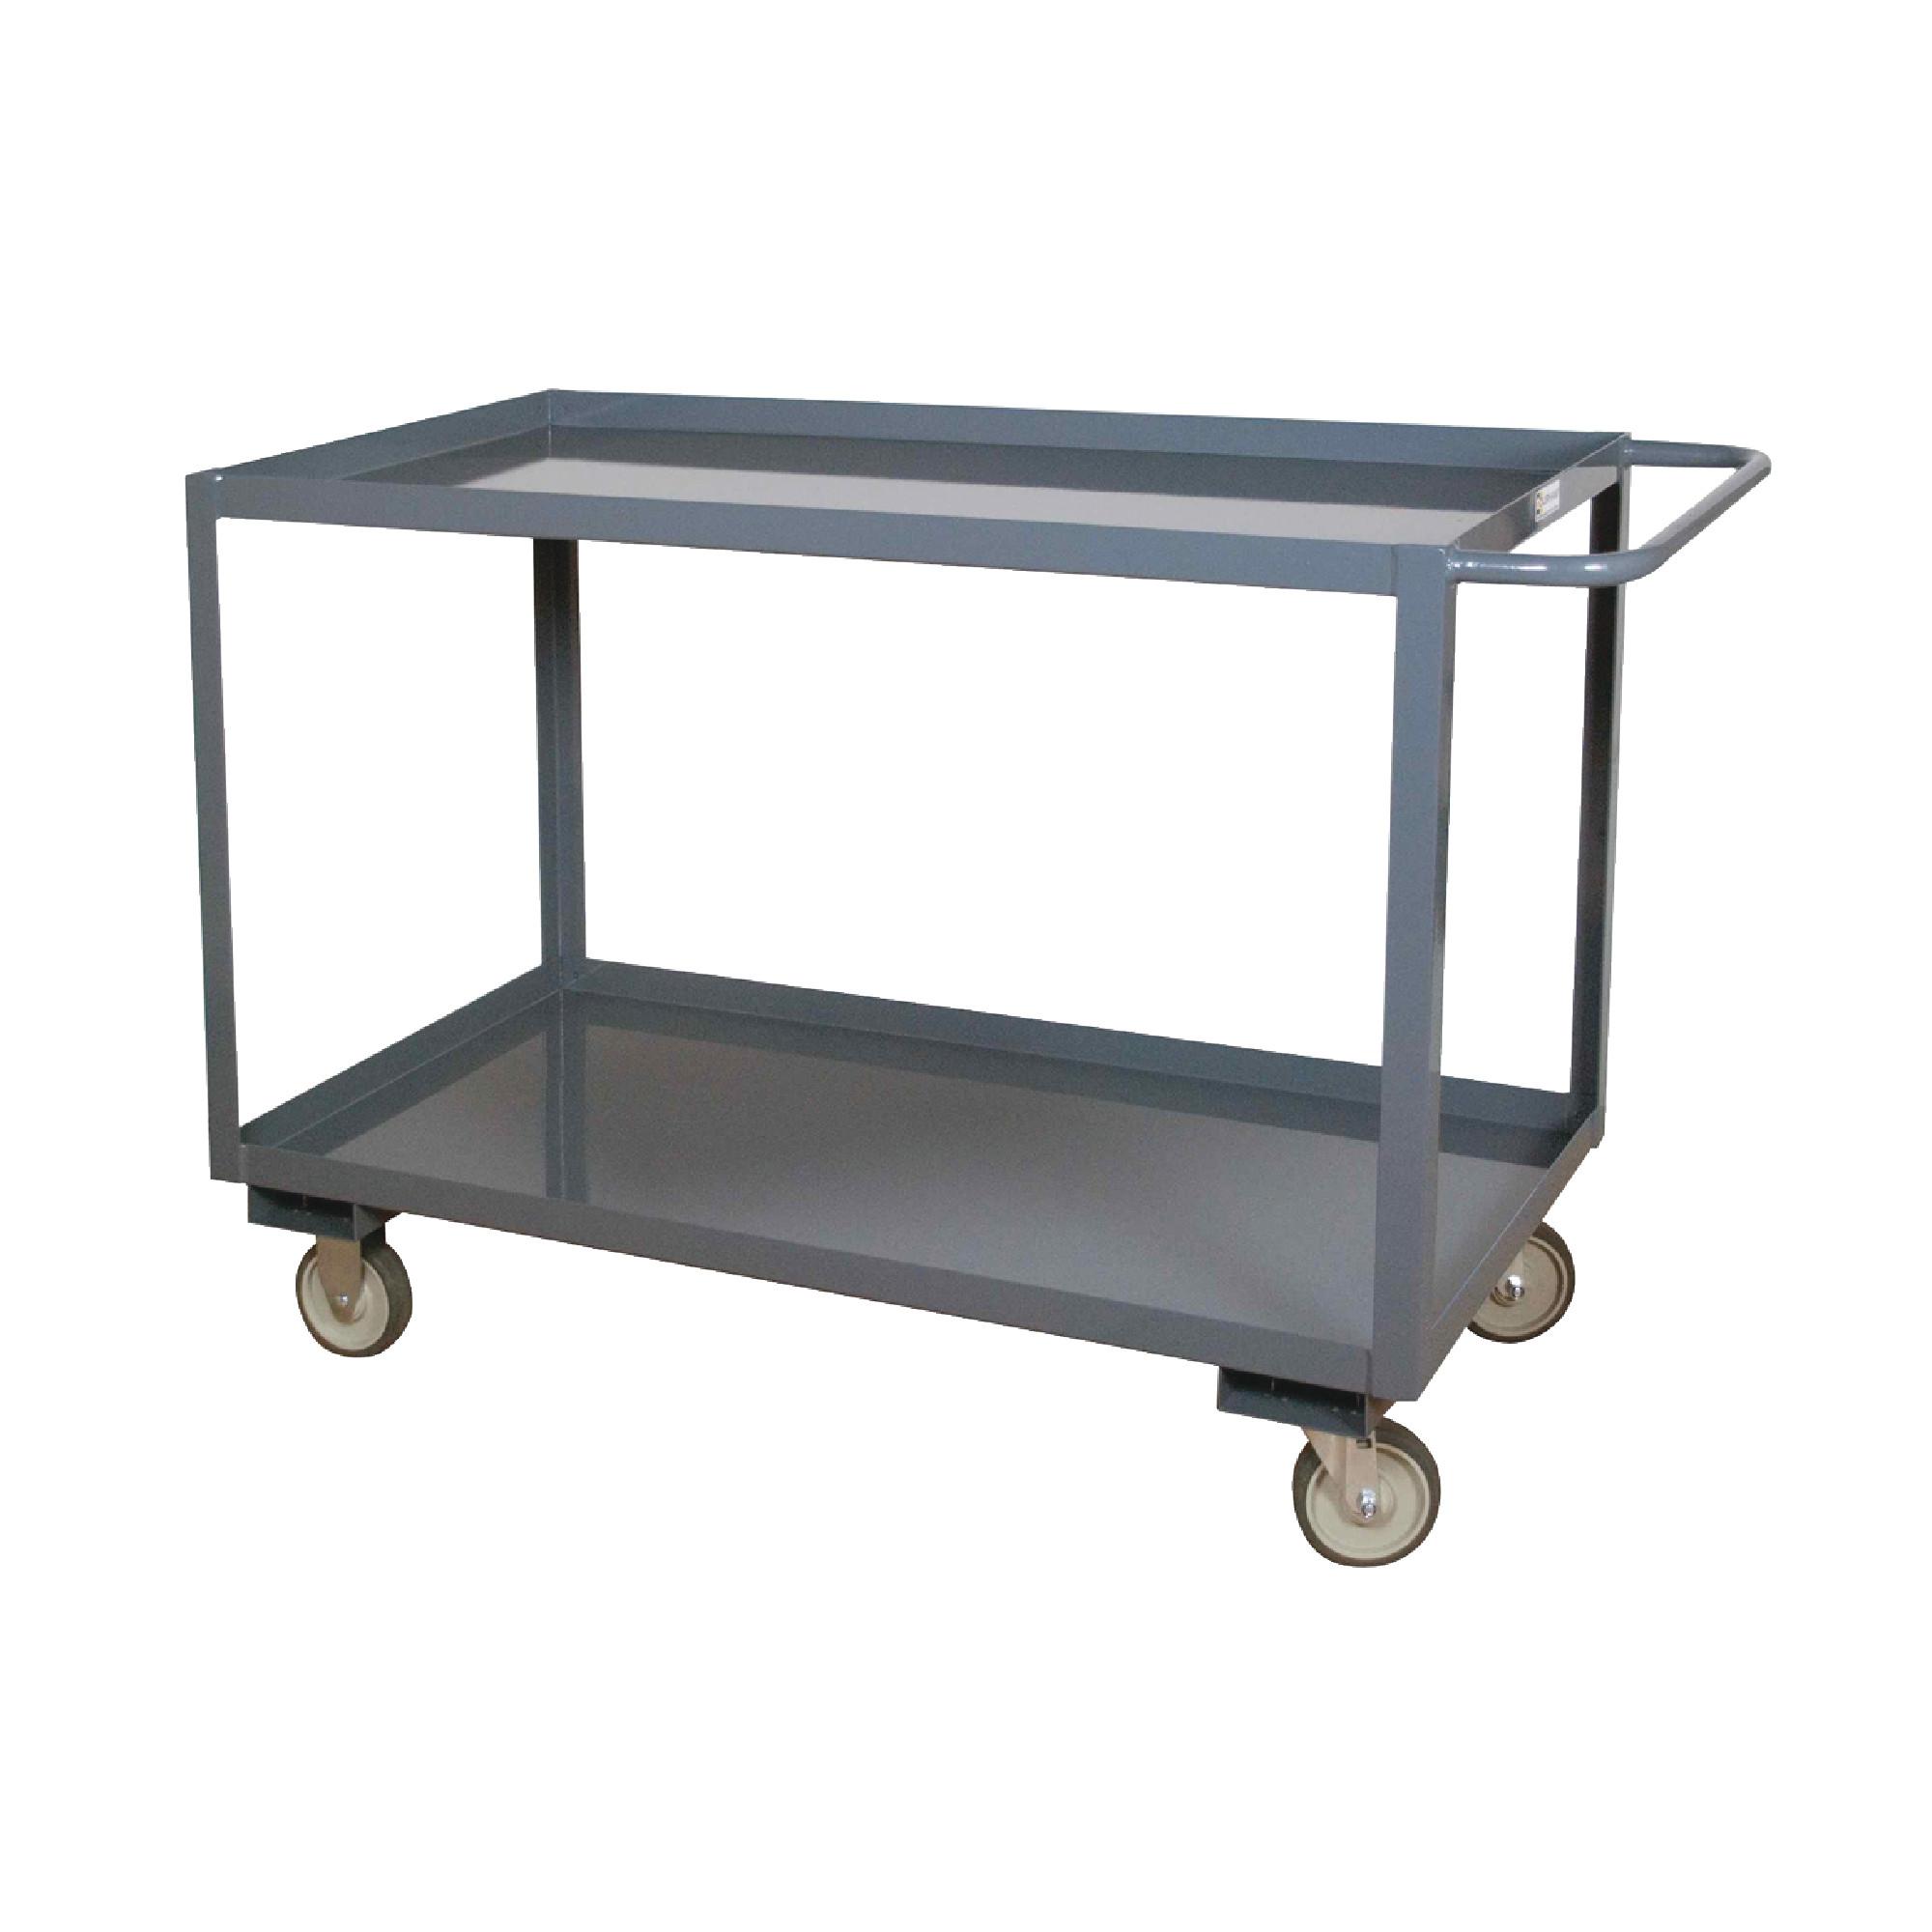 Stock & Order Picking Cart